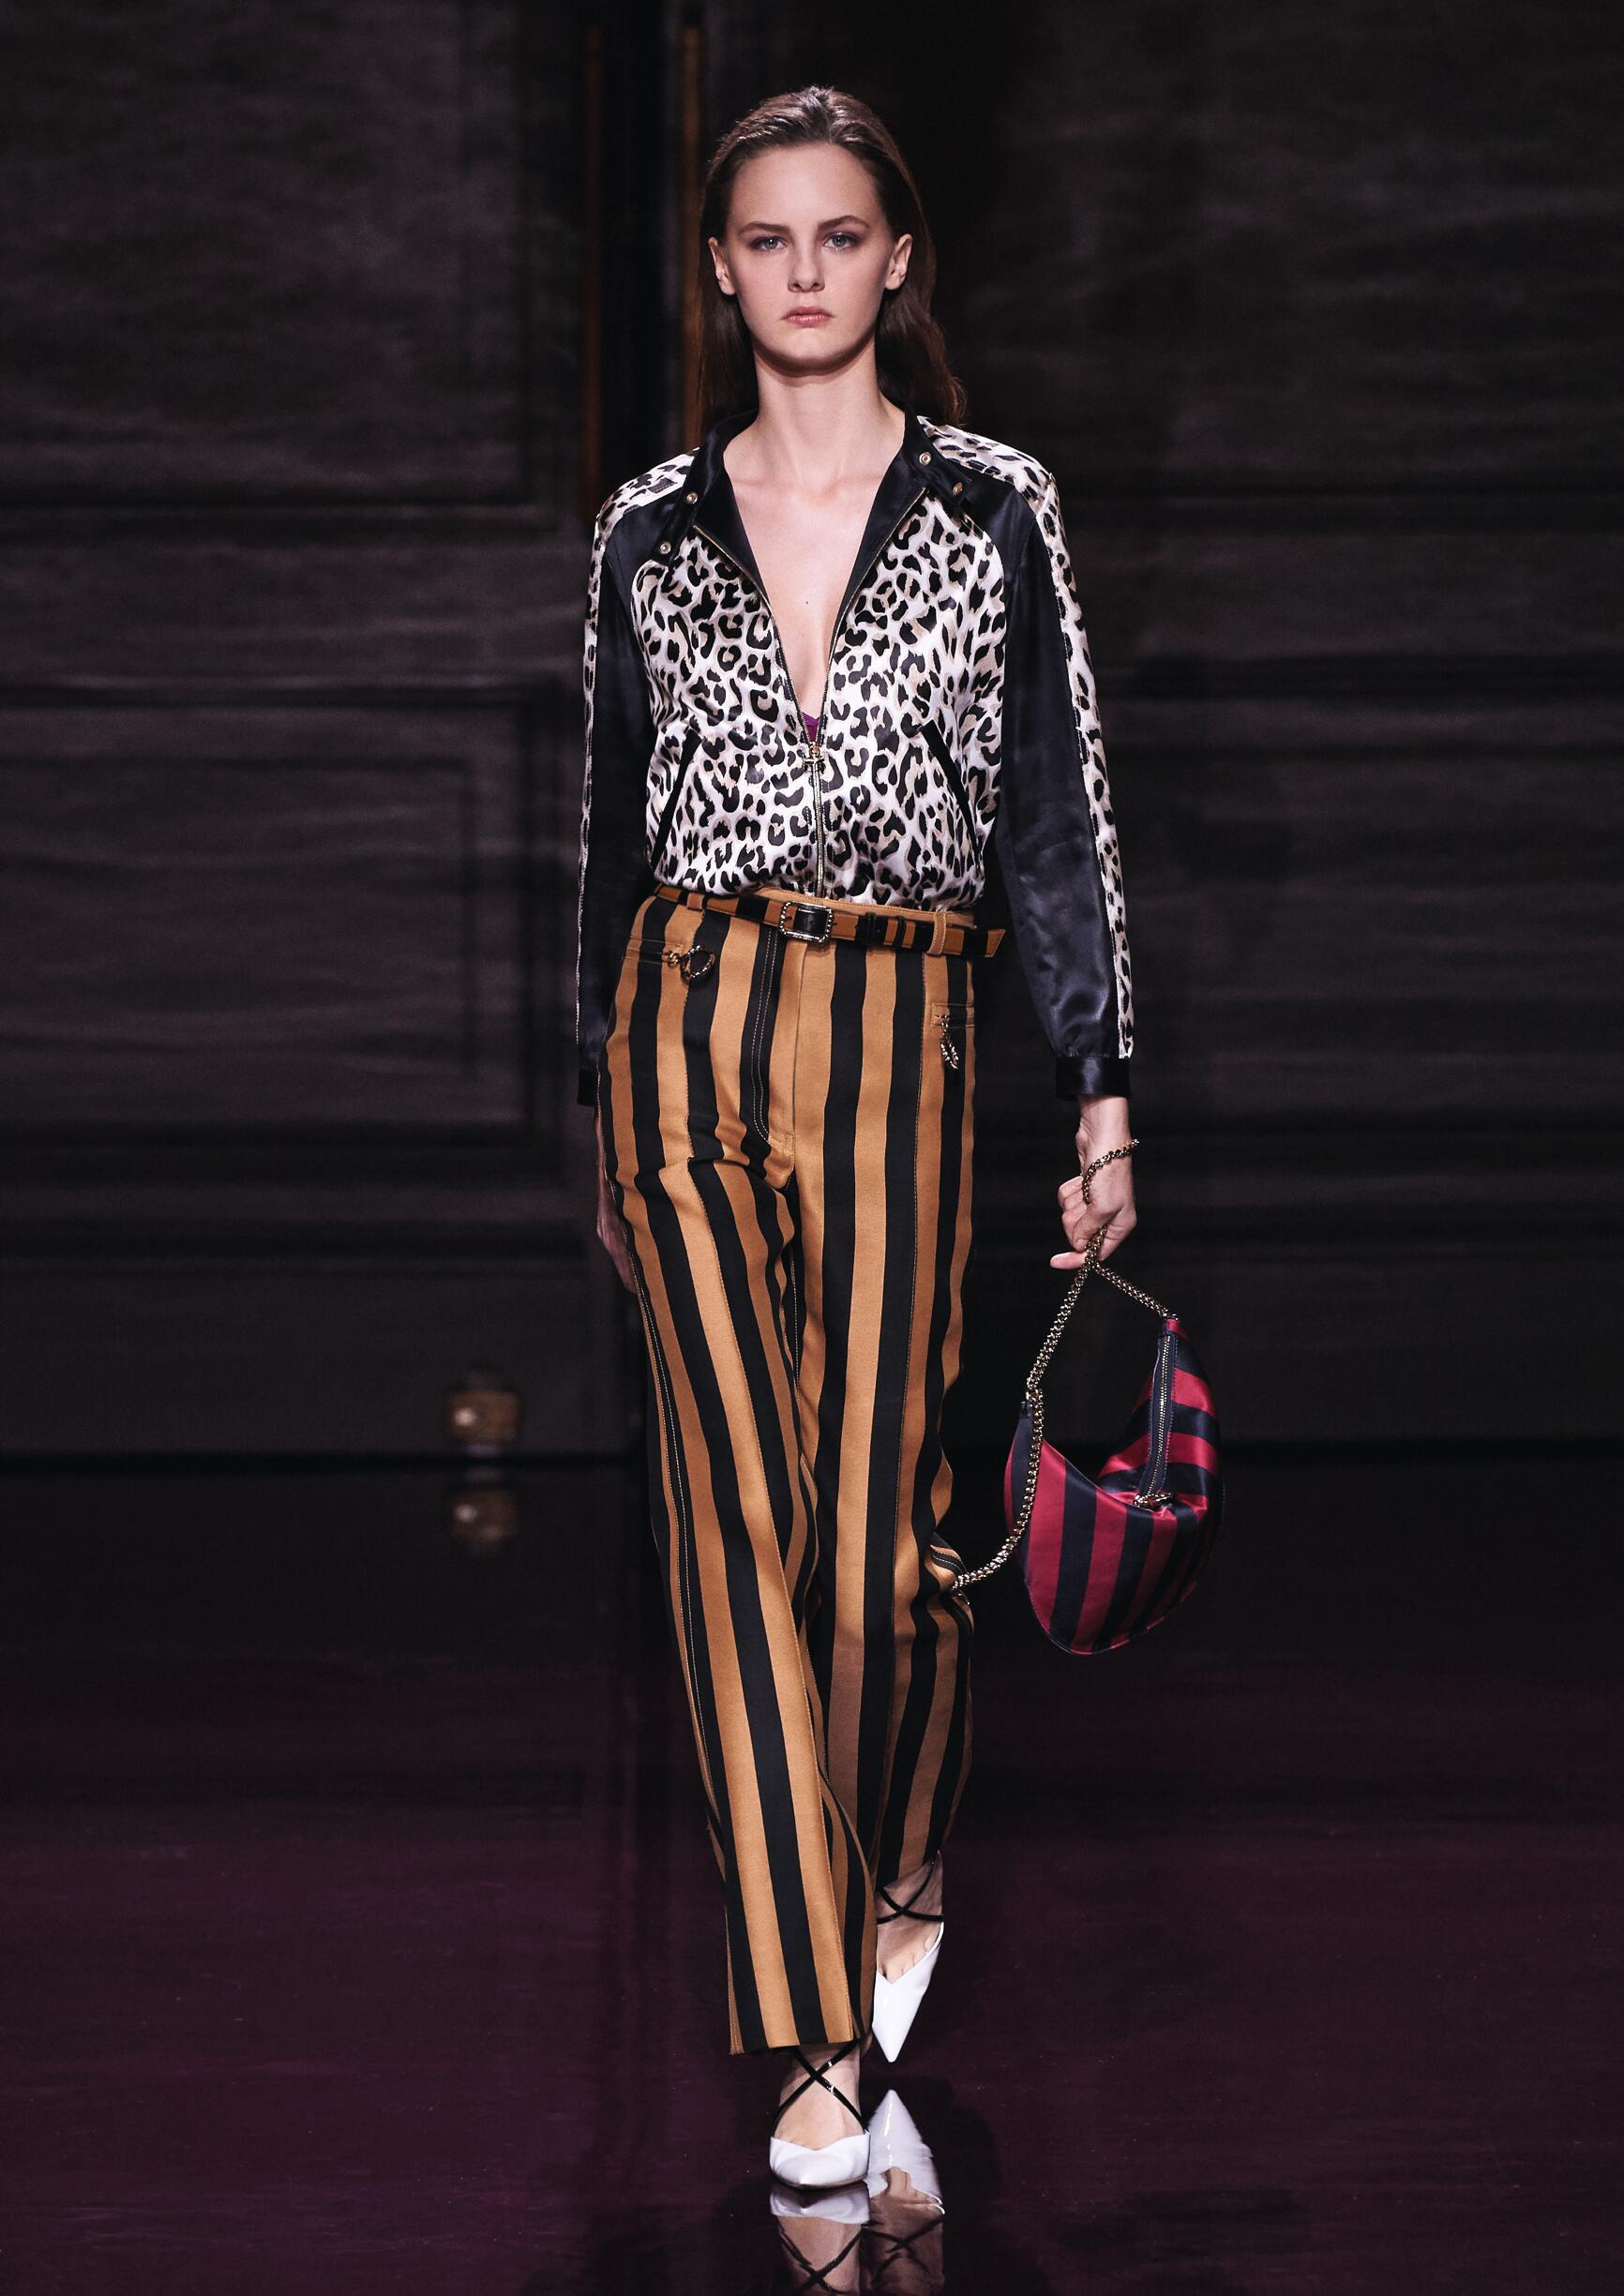 Catwalk Nina Ricci Woman Fashion Show Summer 2017